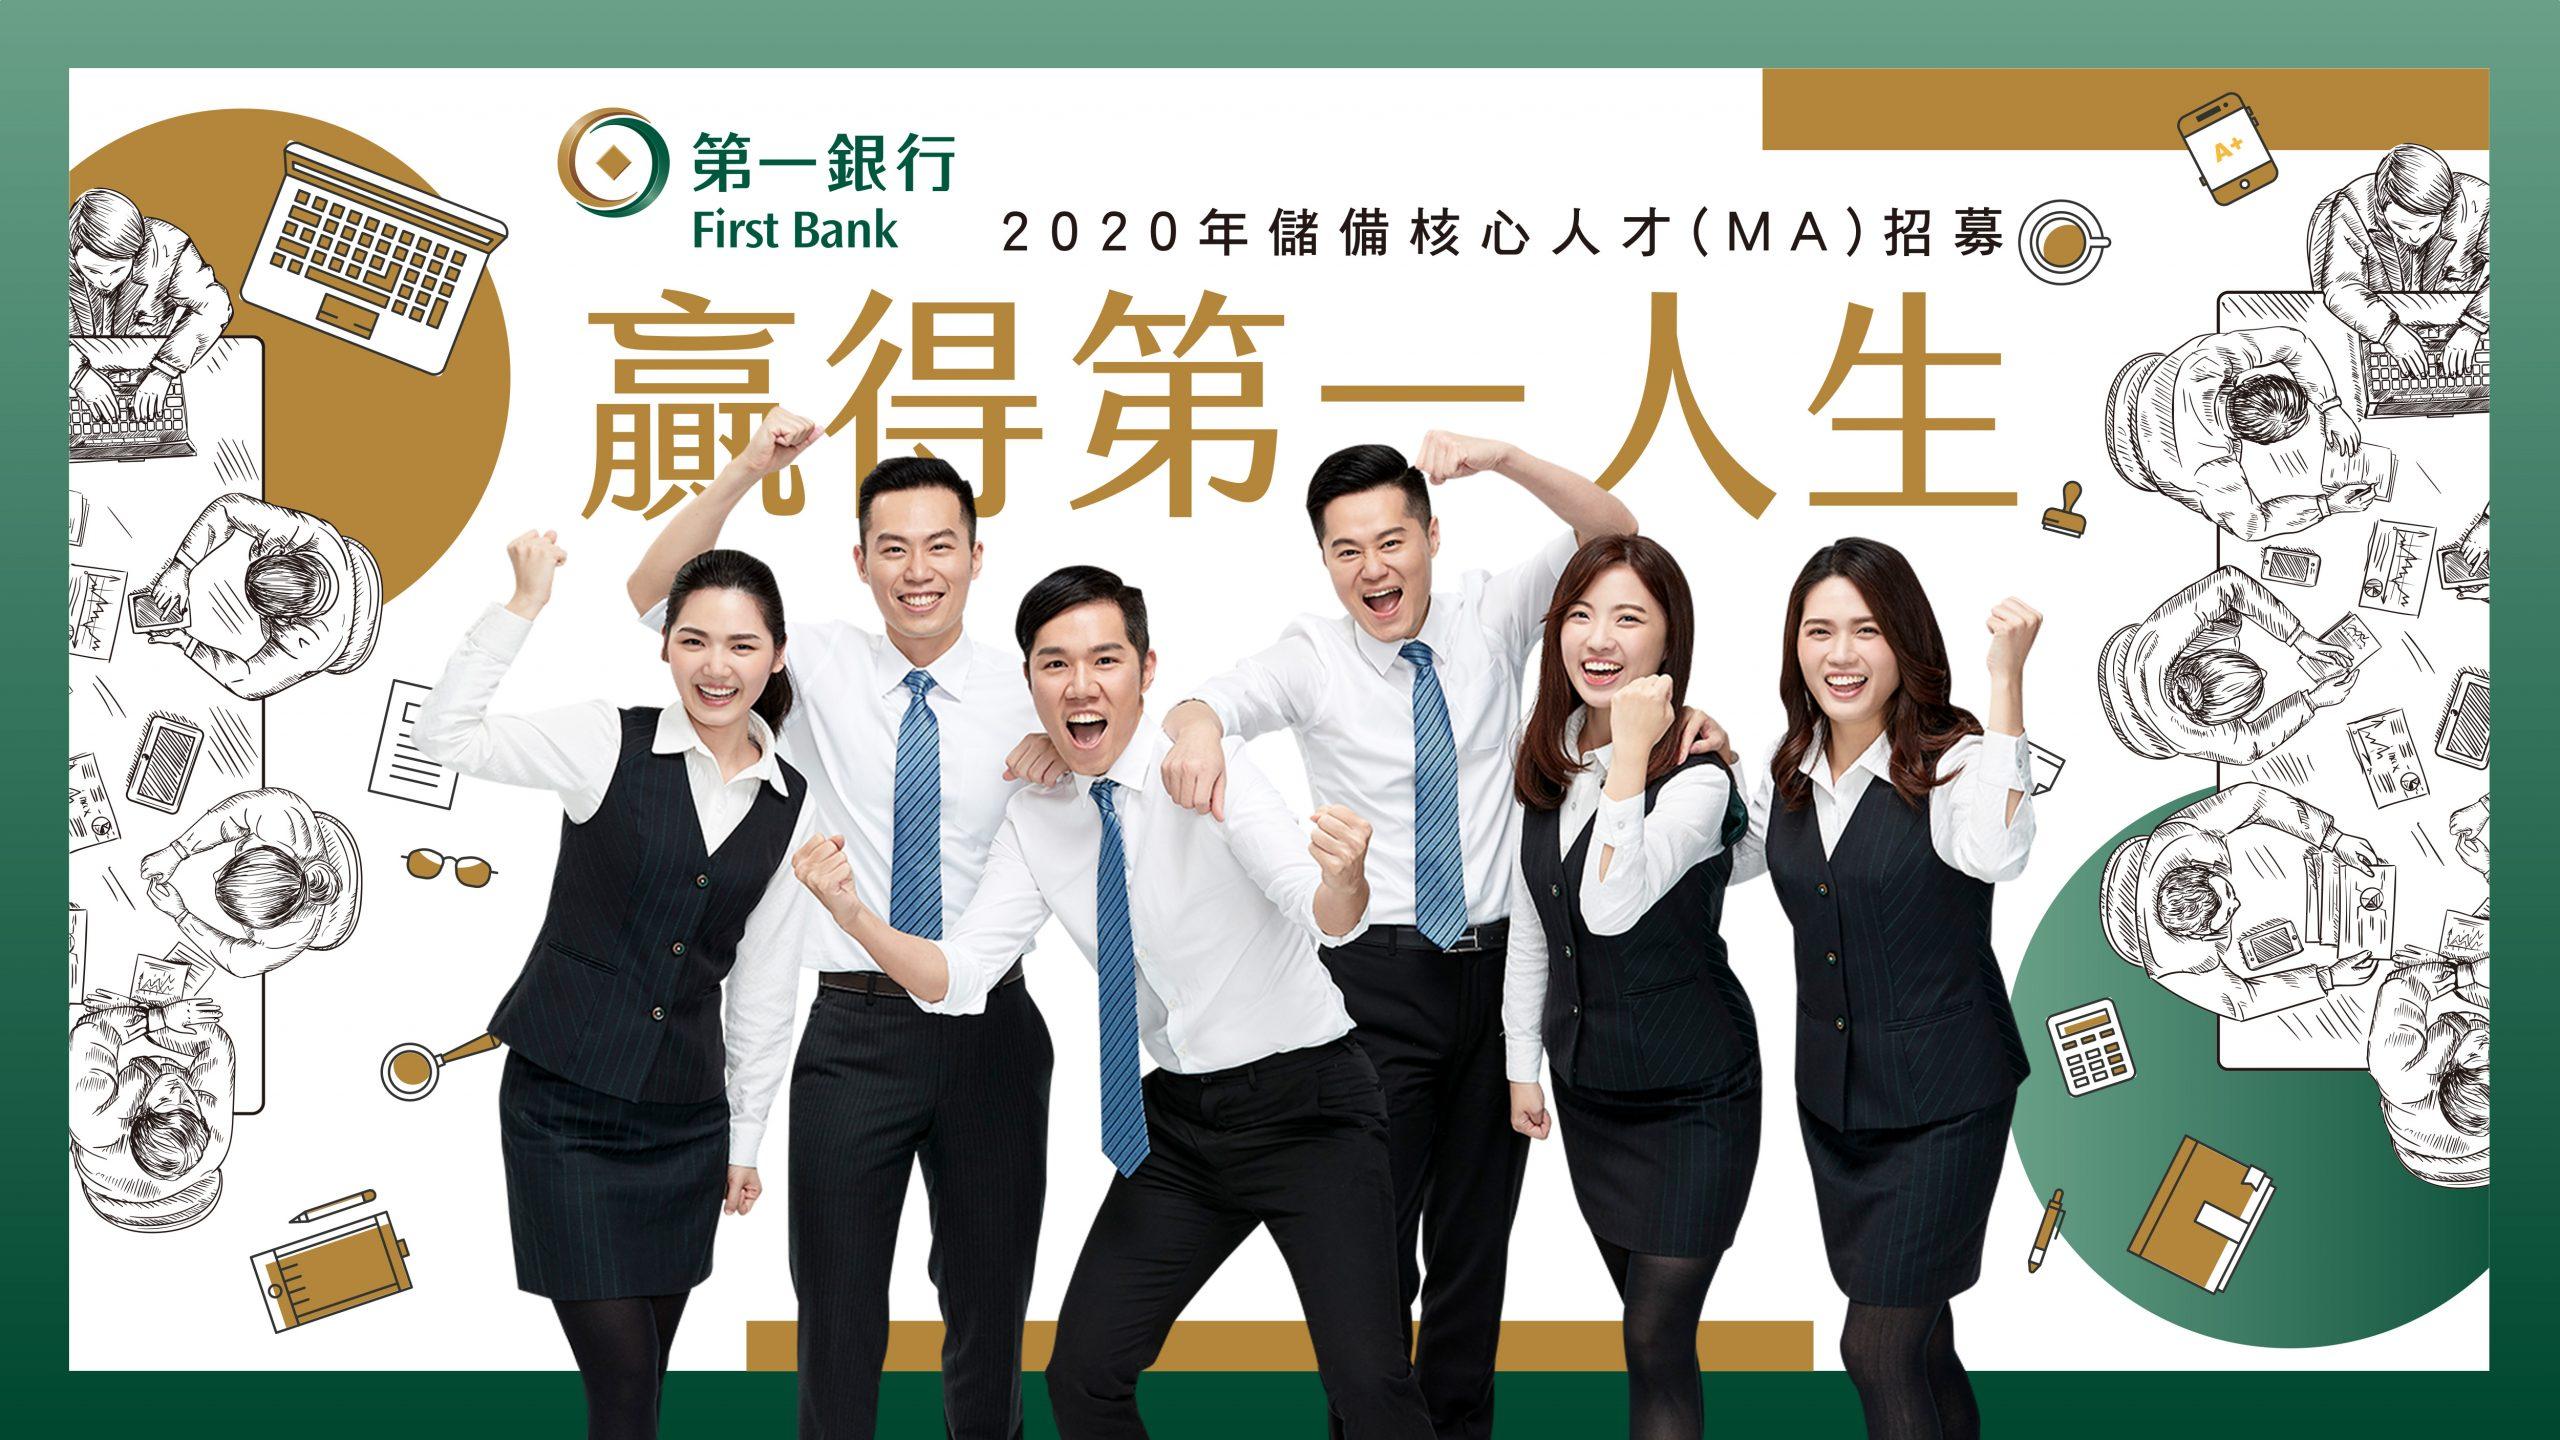 2020第一銀行MA招募。(記者曾憲群翻攝)